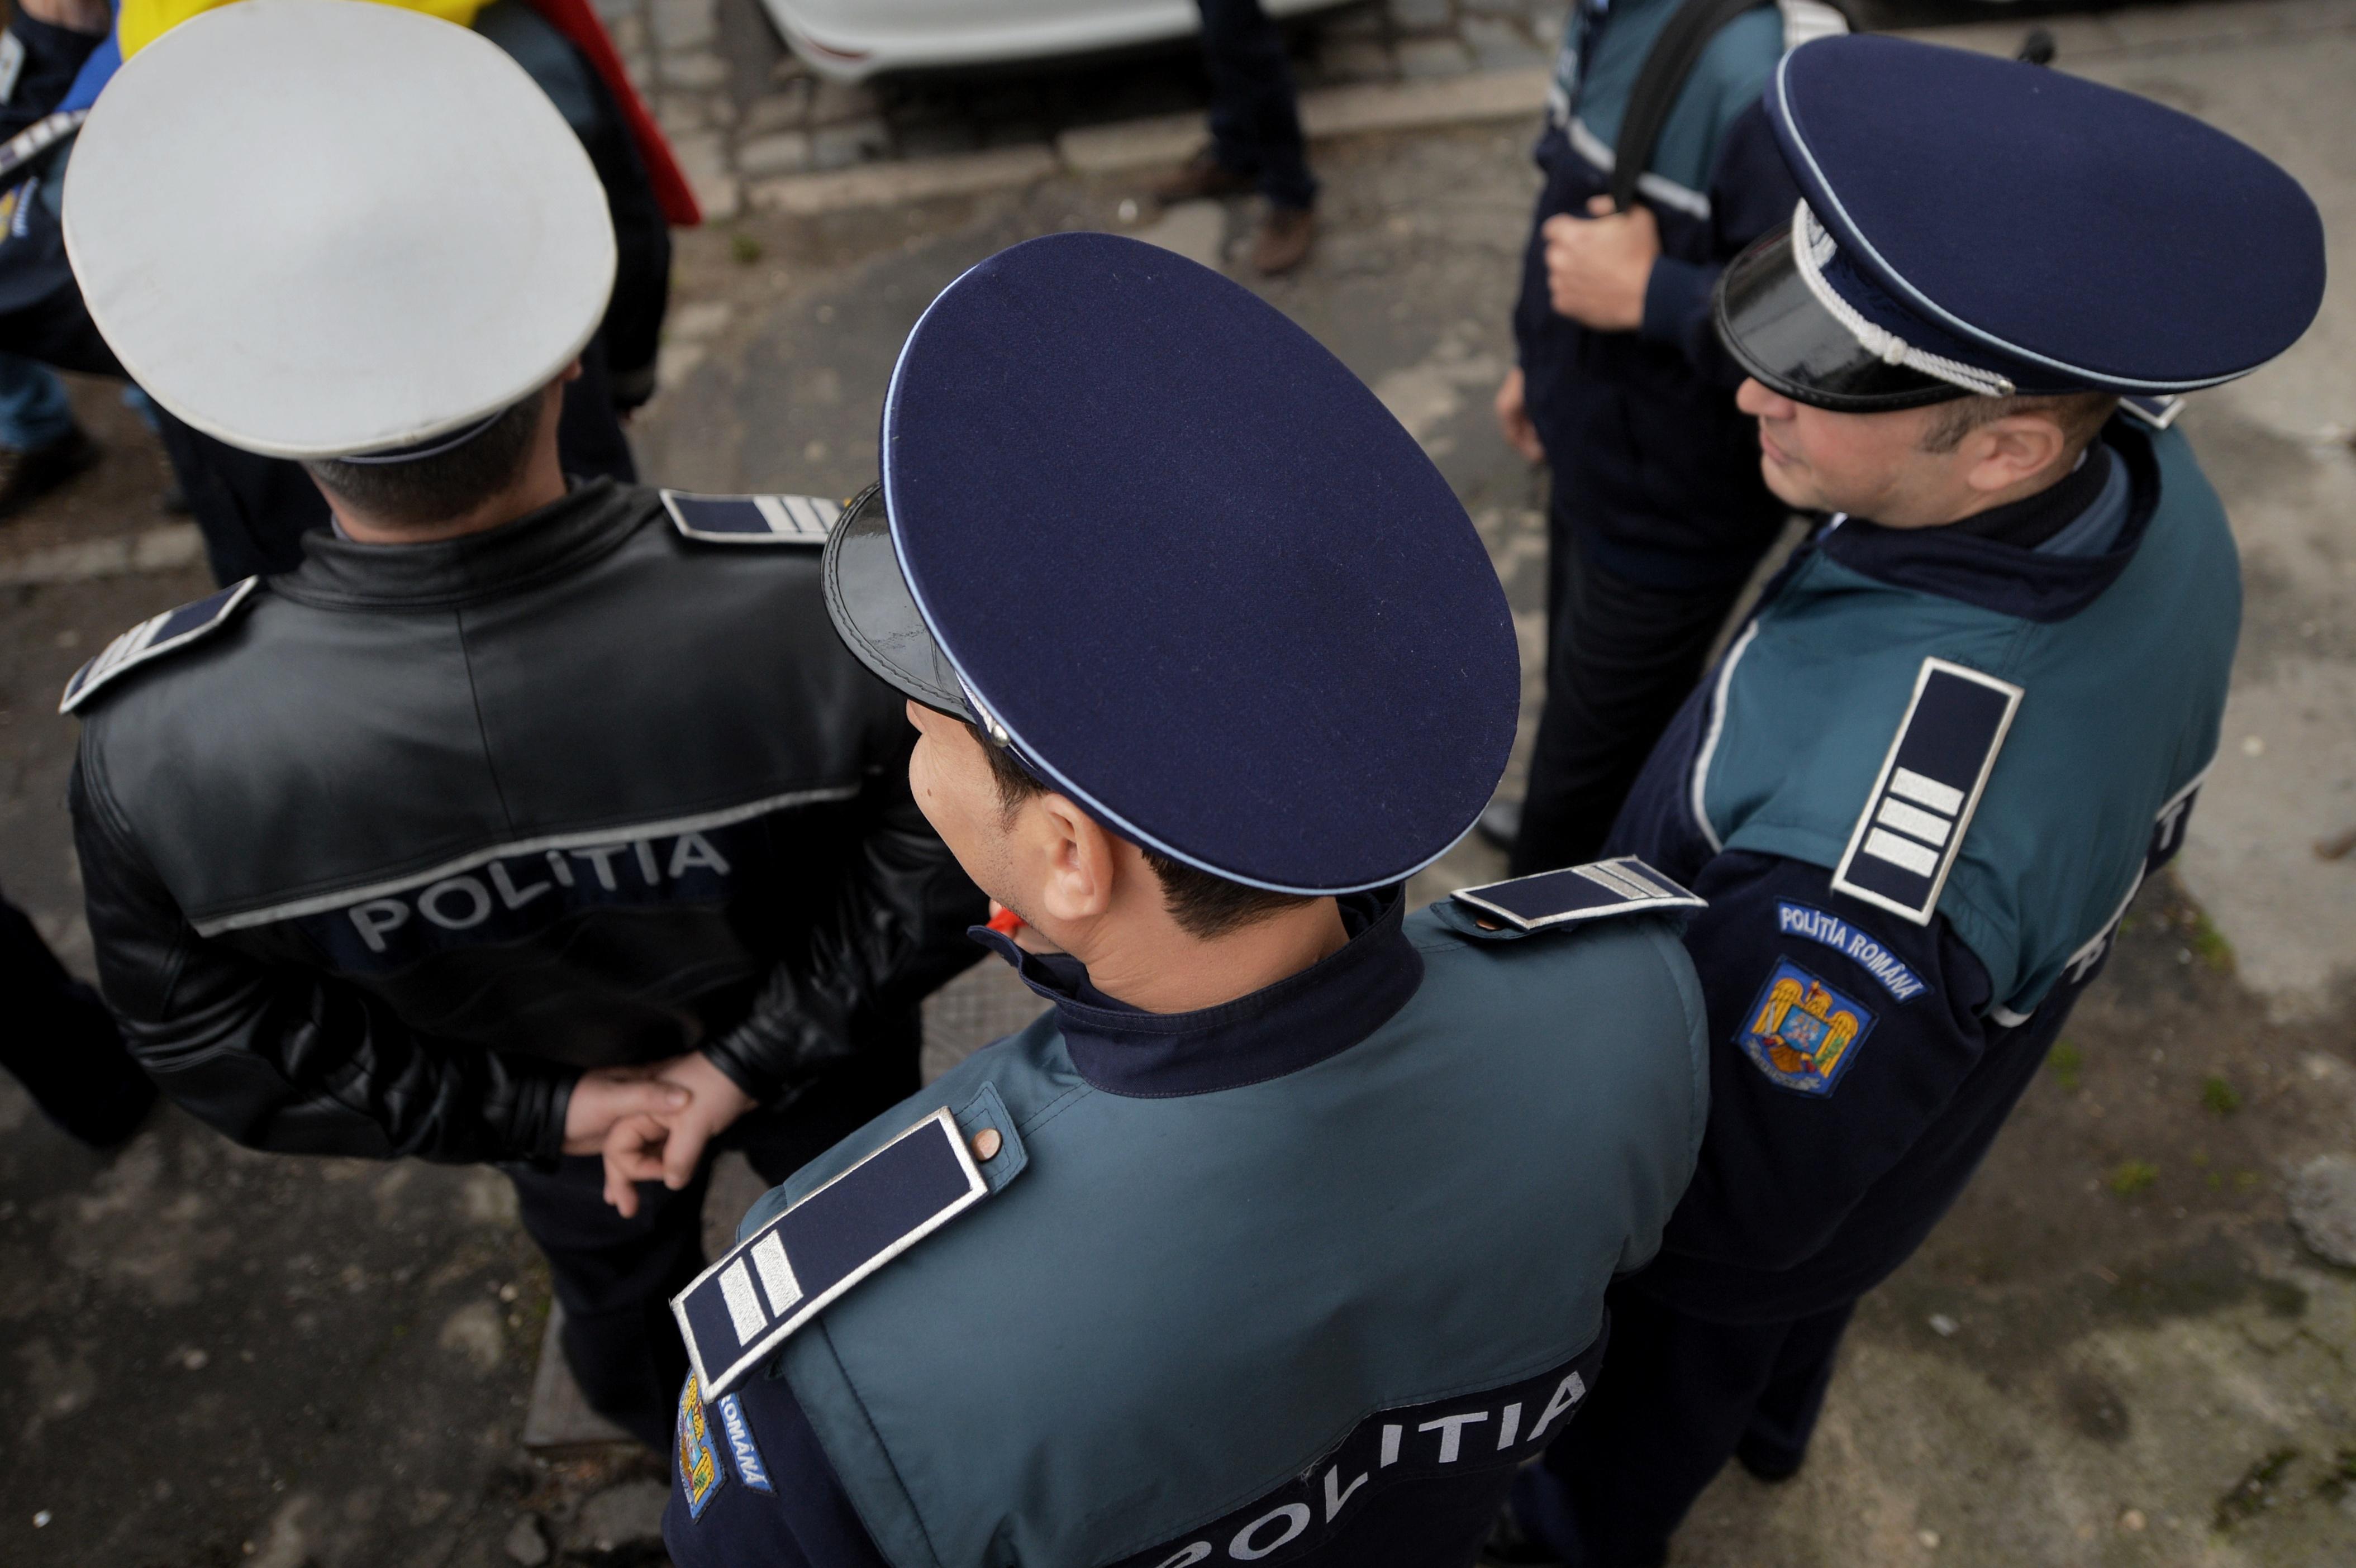 Doi poliţişti din Vrancea au ajuns la spital, unul muşcat, iar altul zgâriat de un bărbat beat